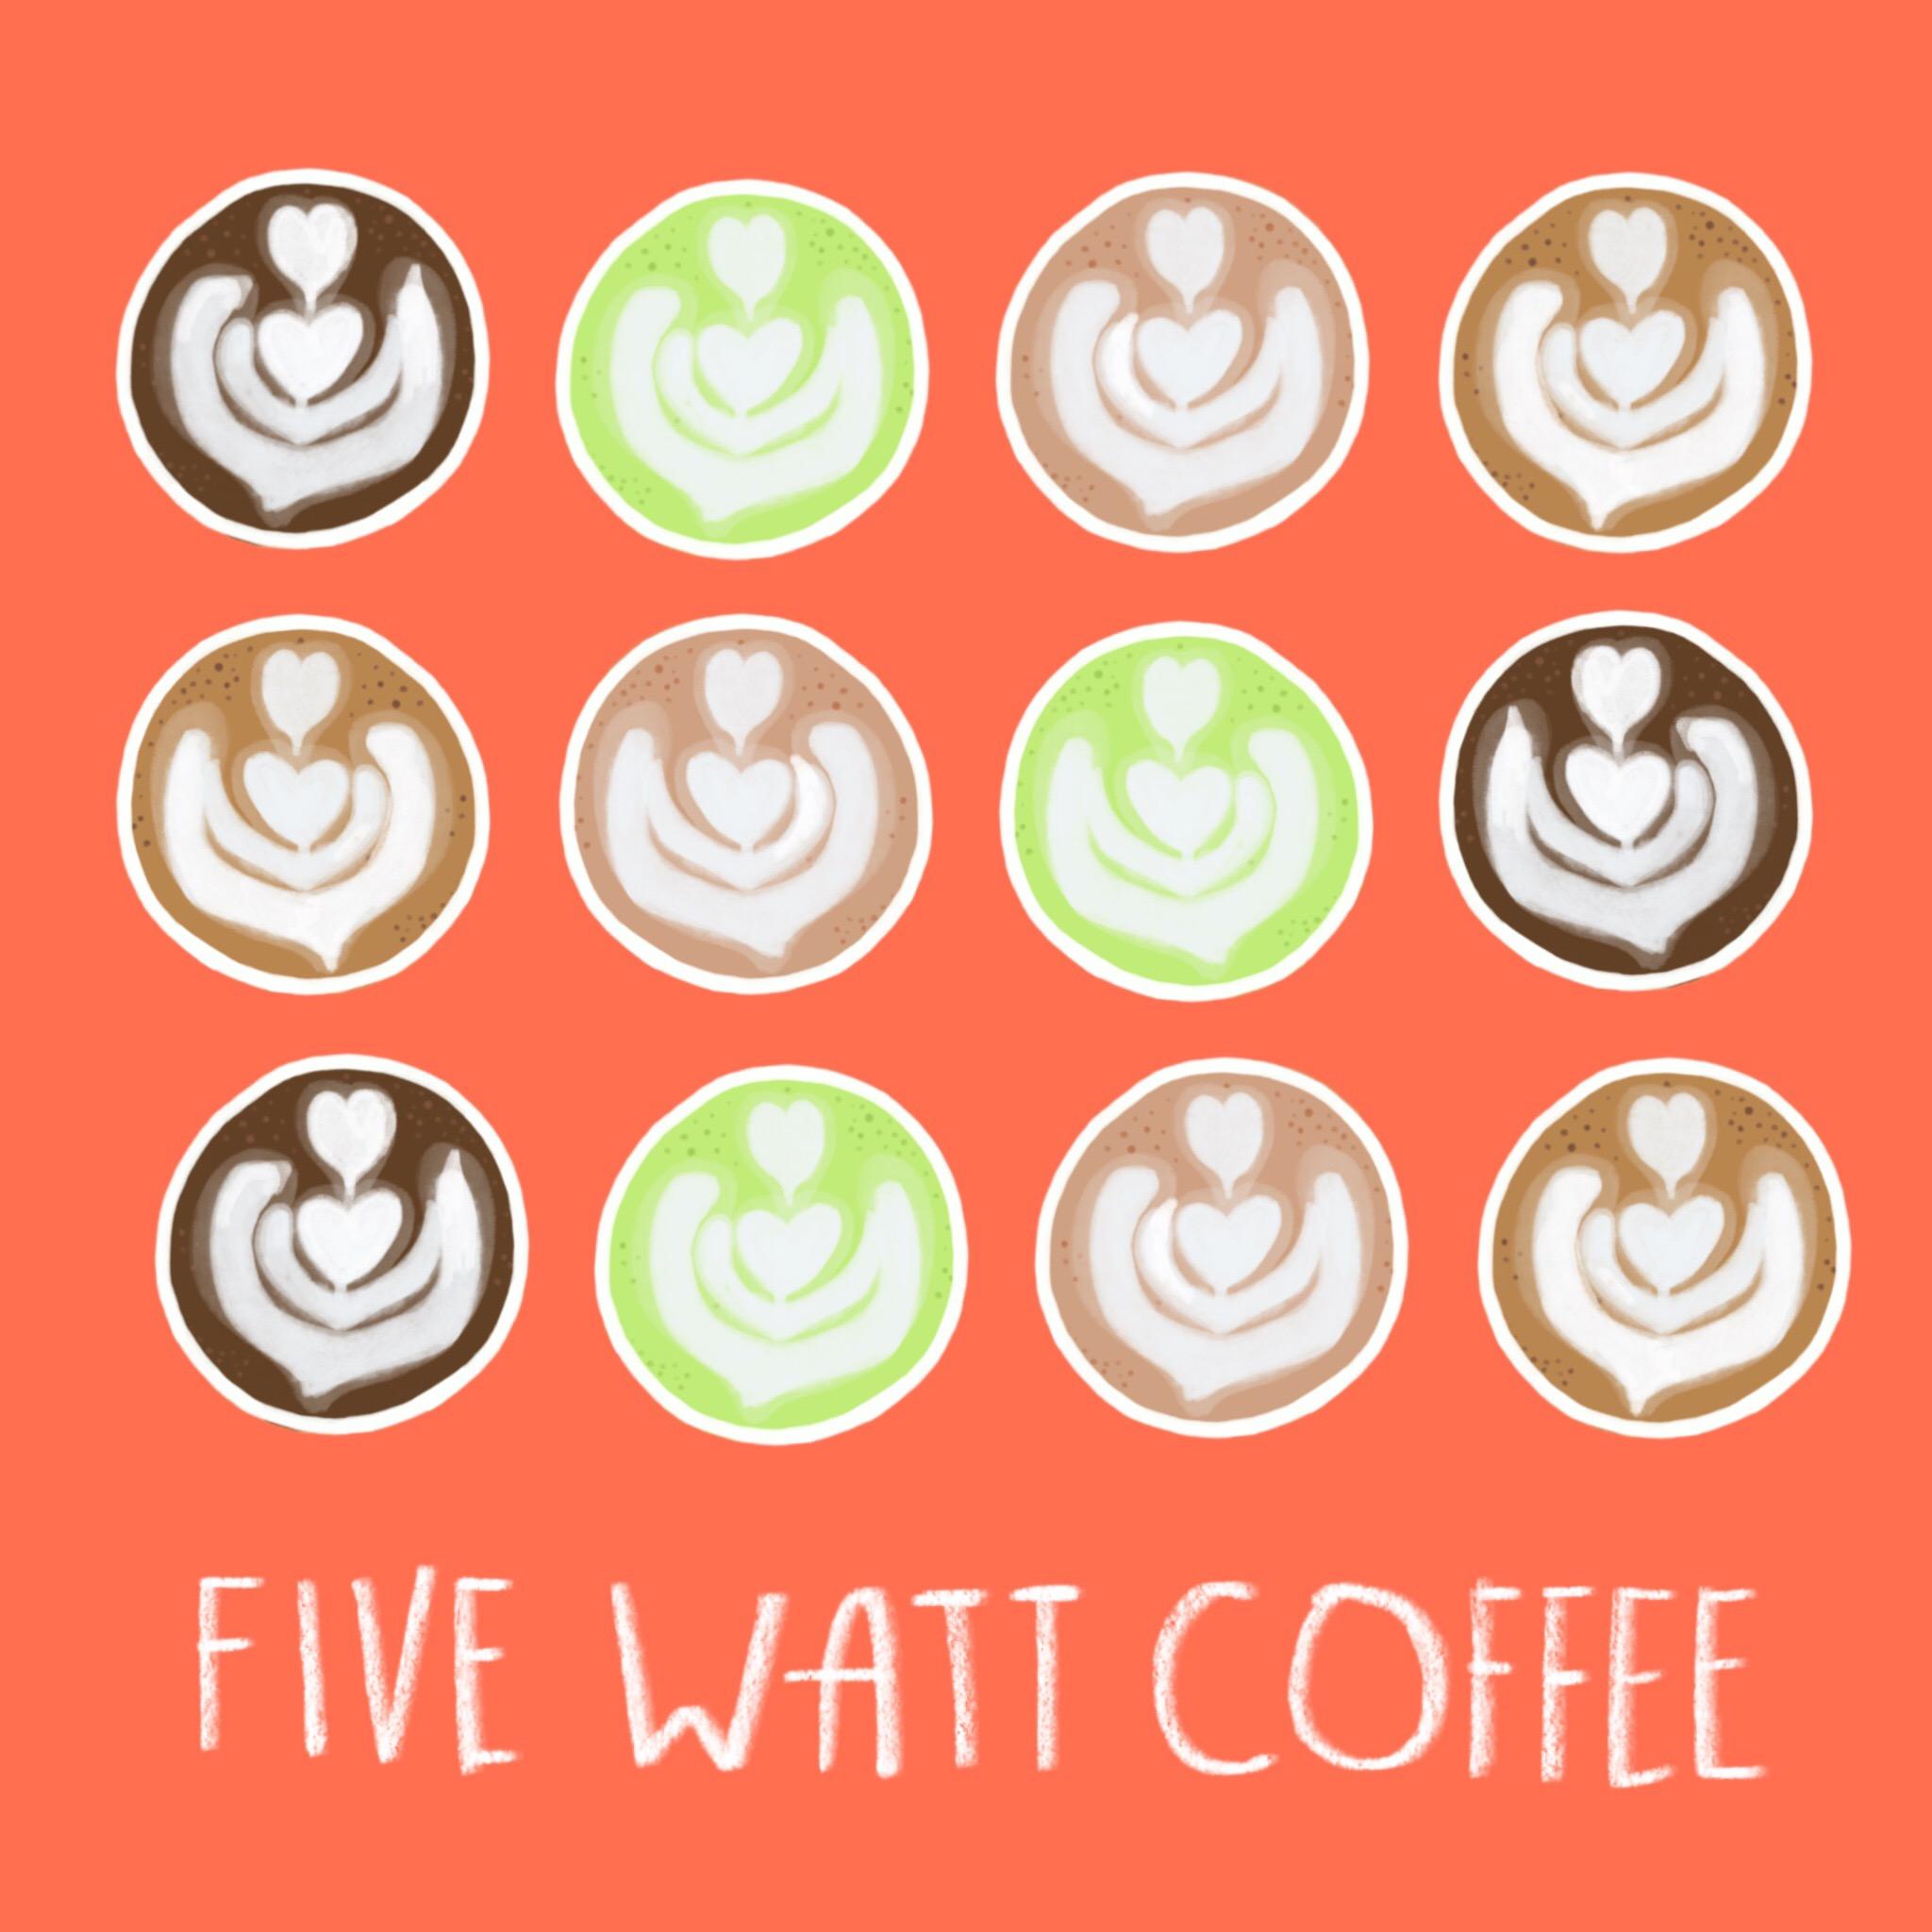 42_-_Five_Watt_Coffee.jpg